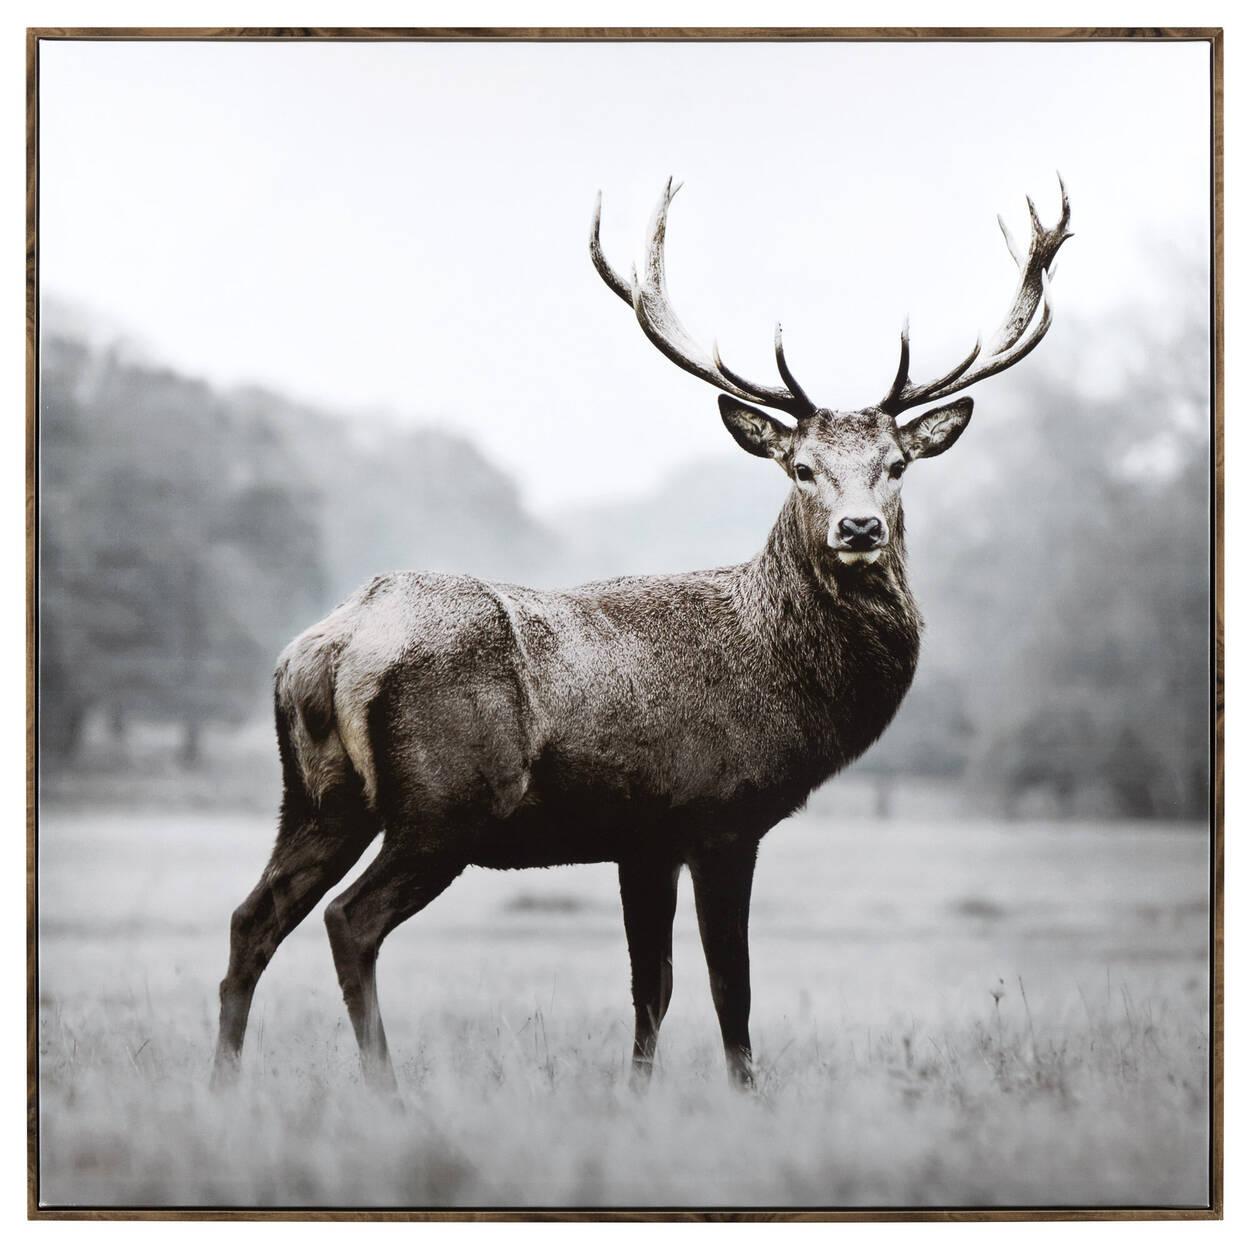 Tableau imprimé d'un cerf majestueux